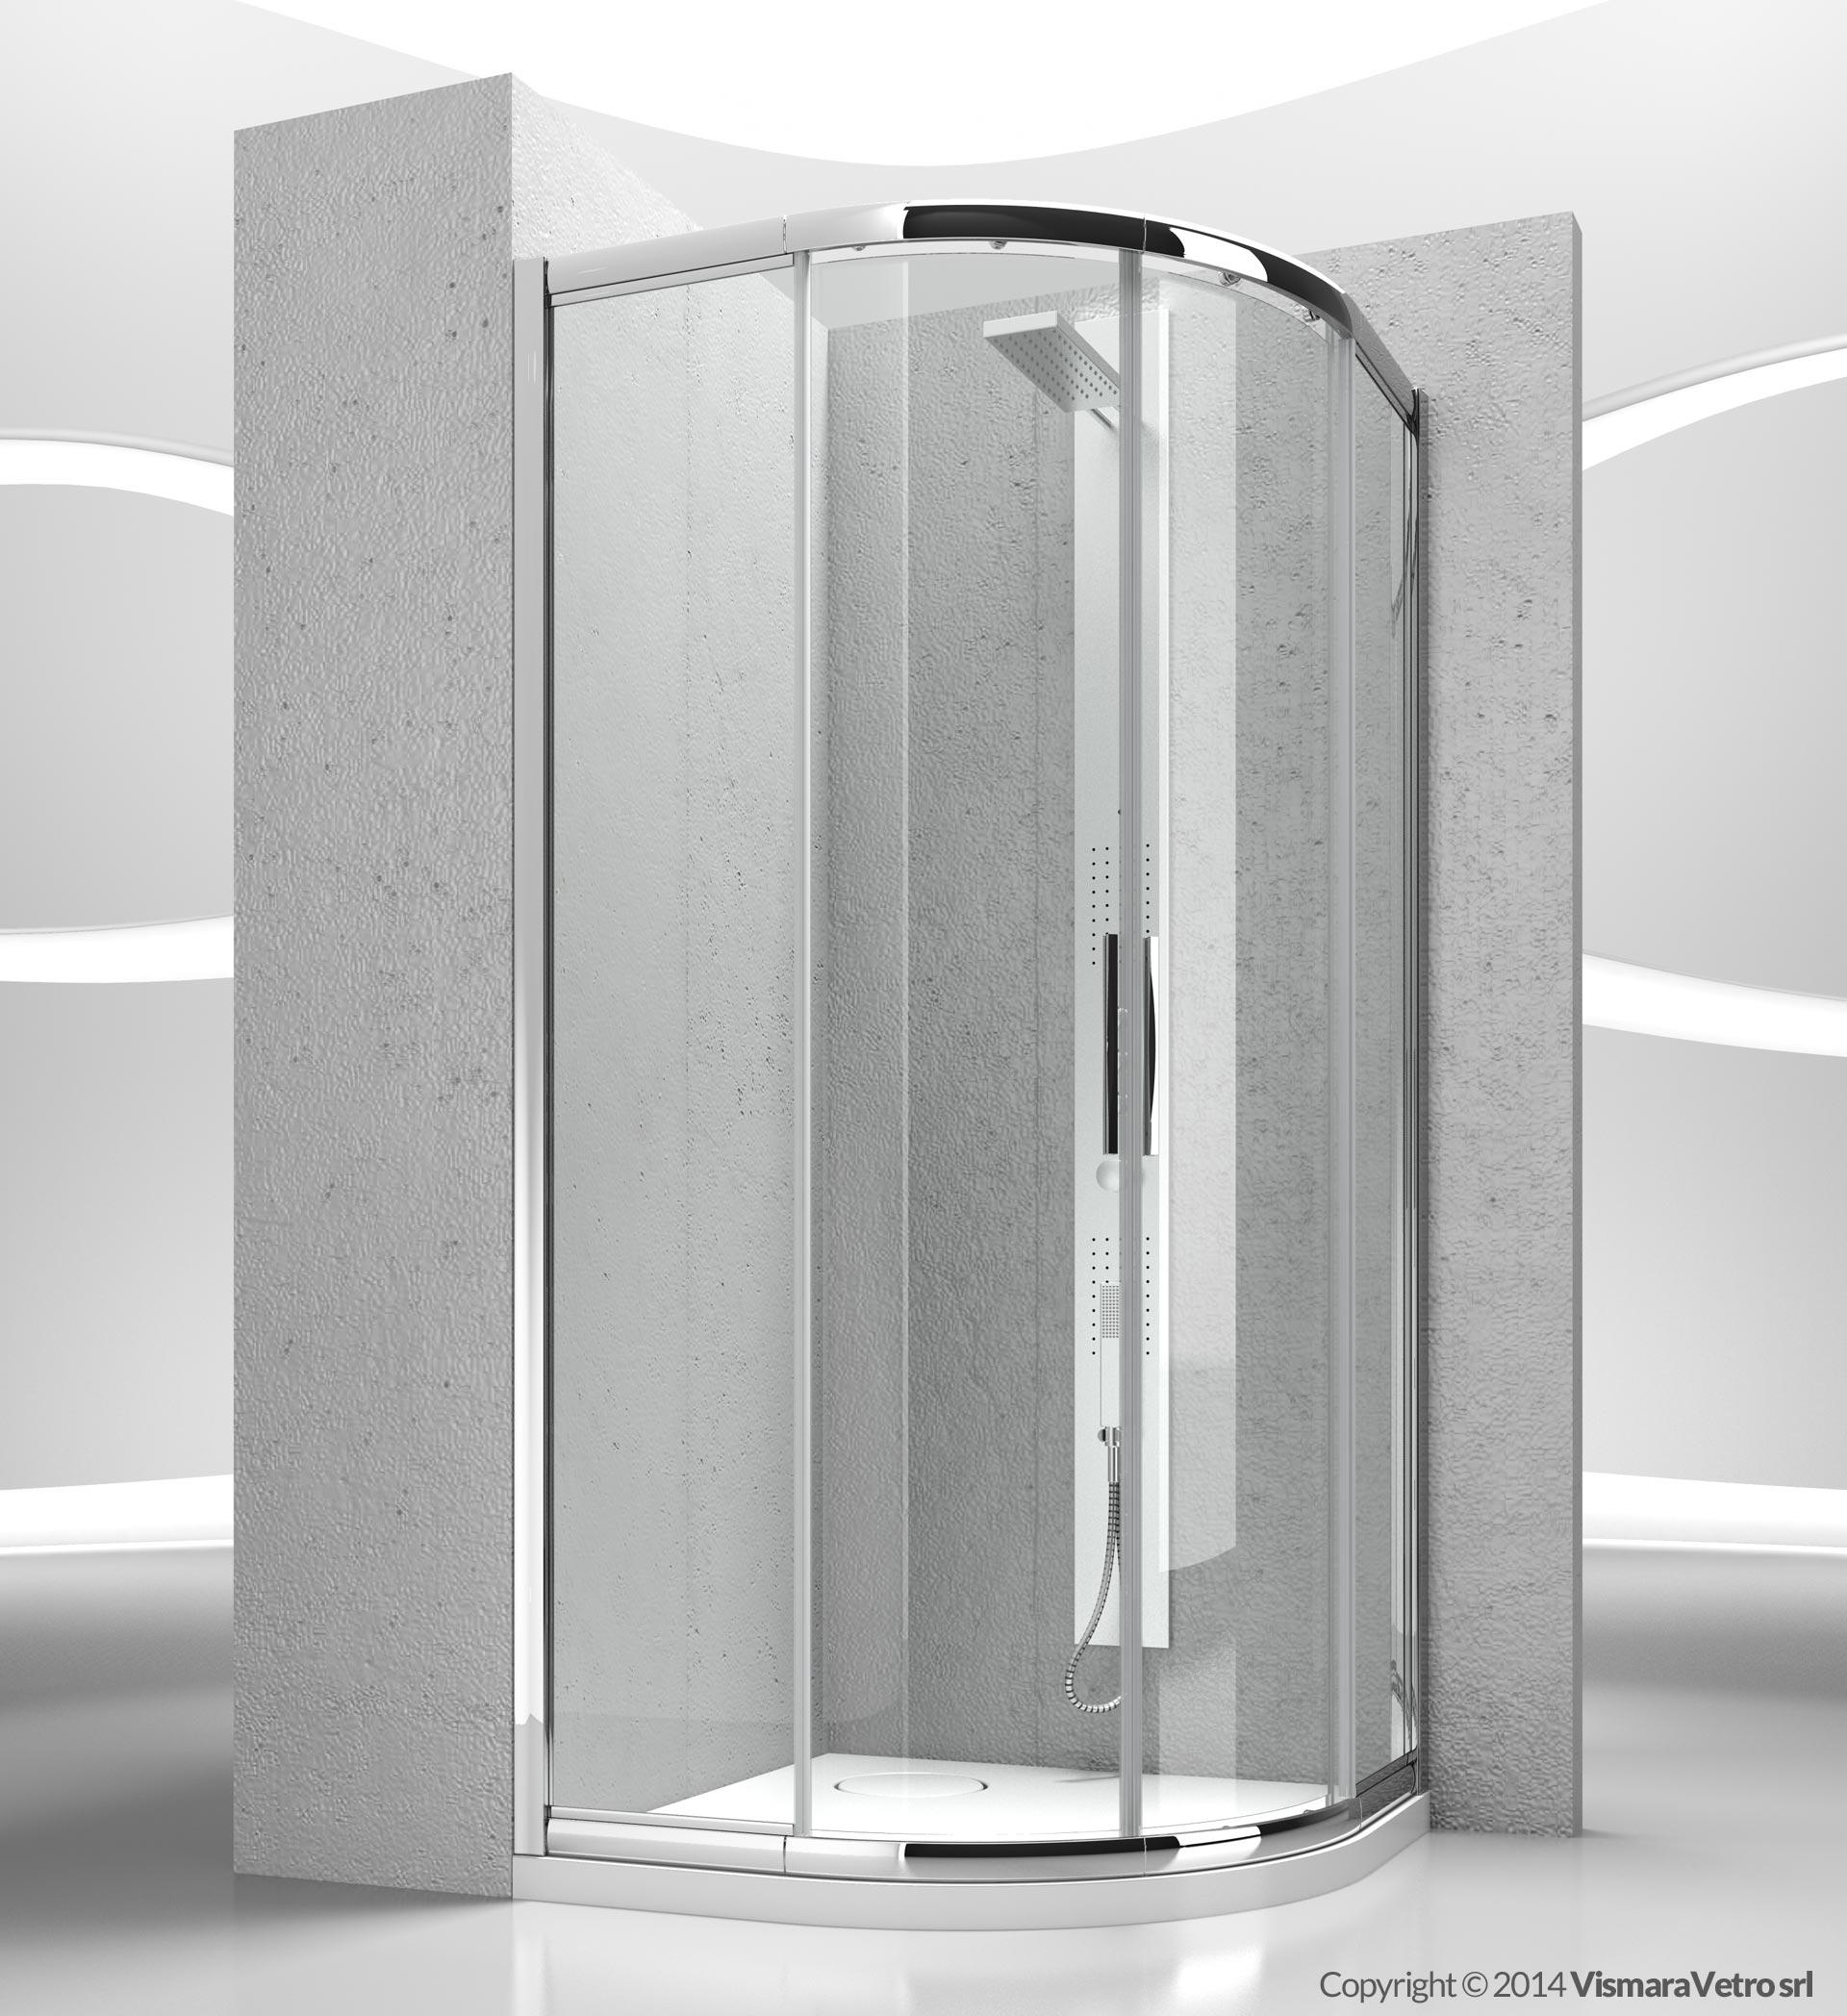 Modele Zt Installation En Quart De Rond